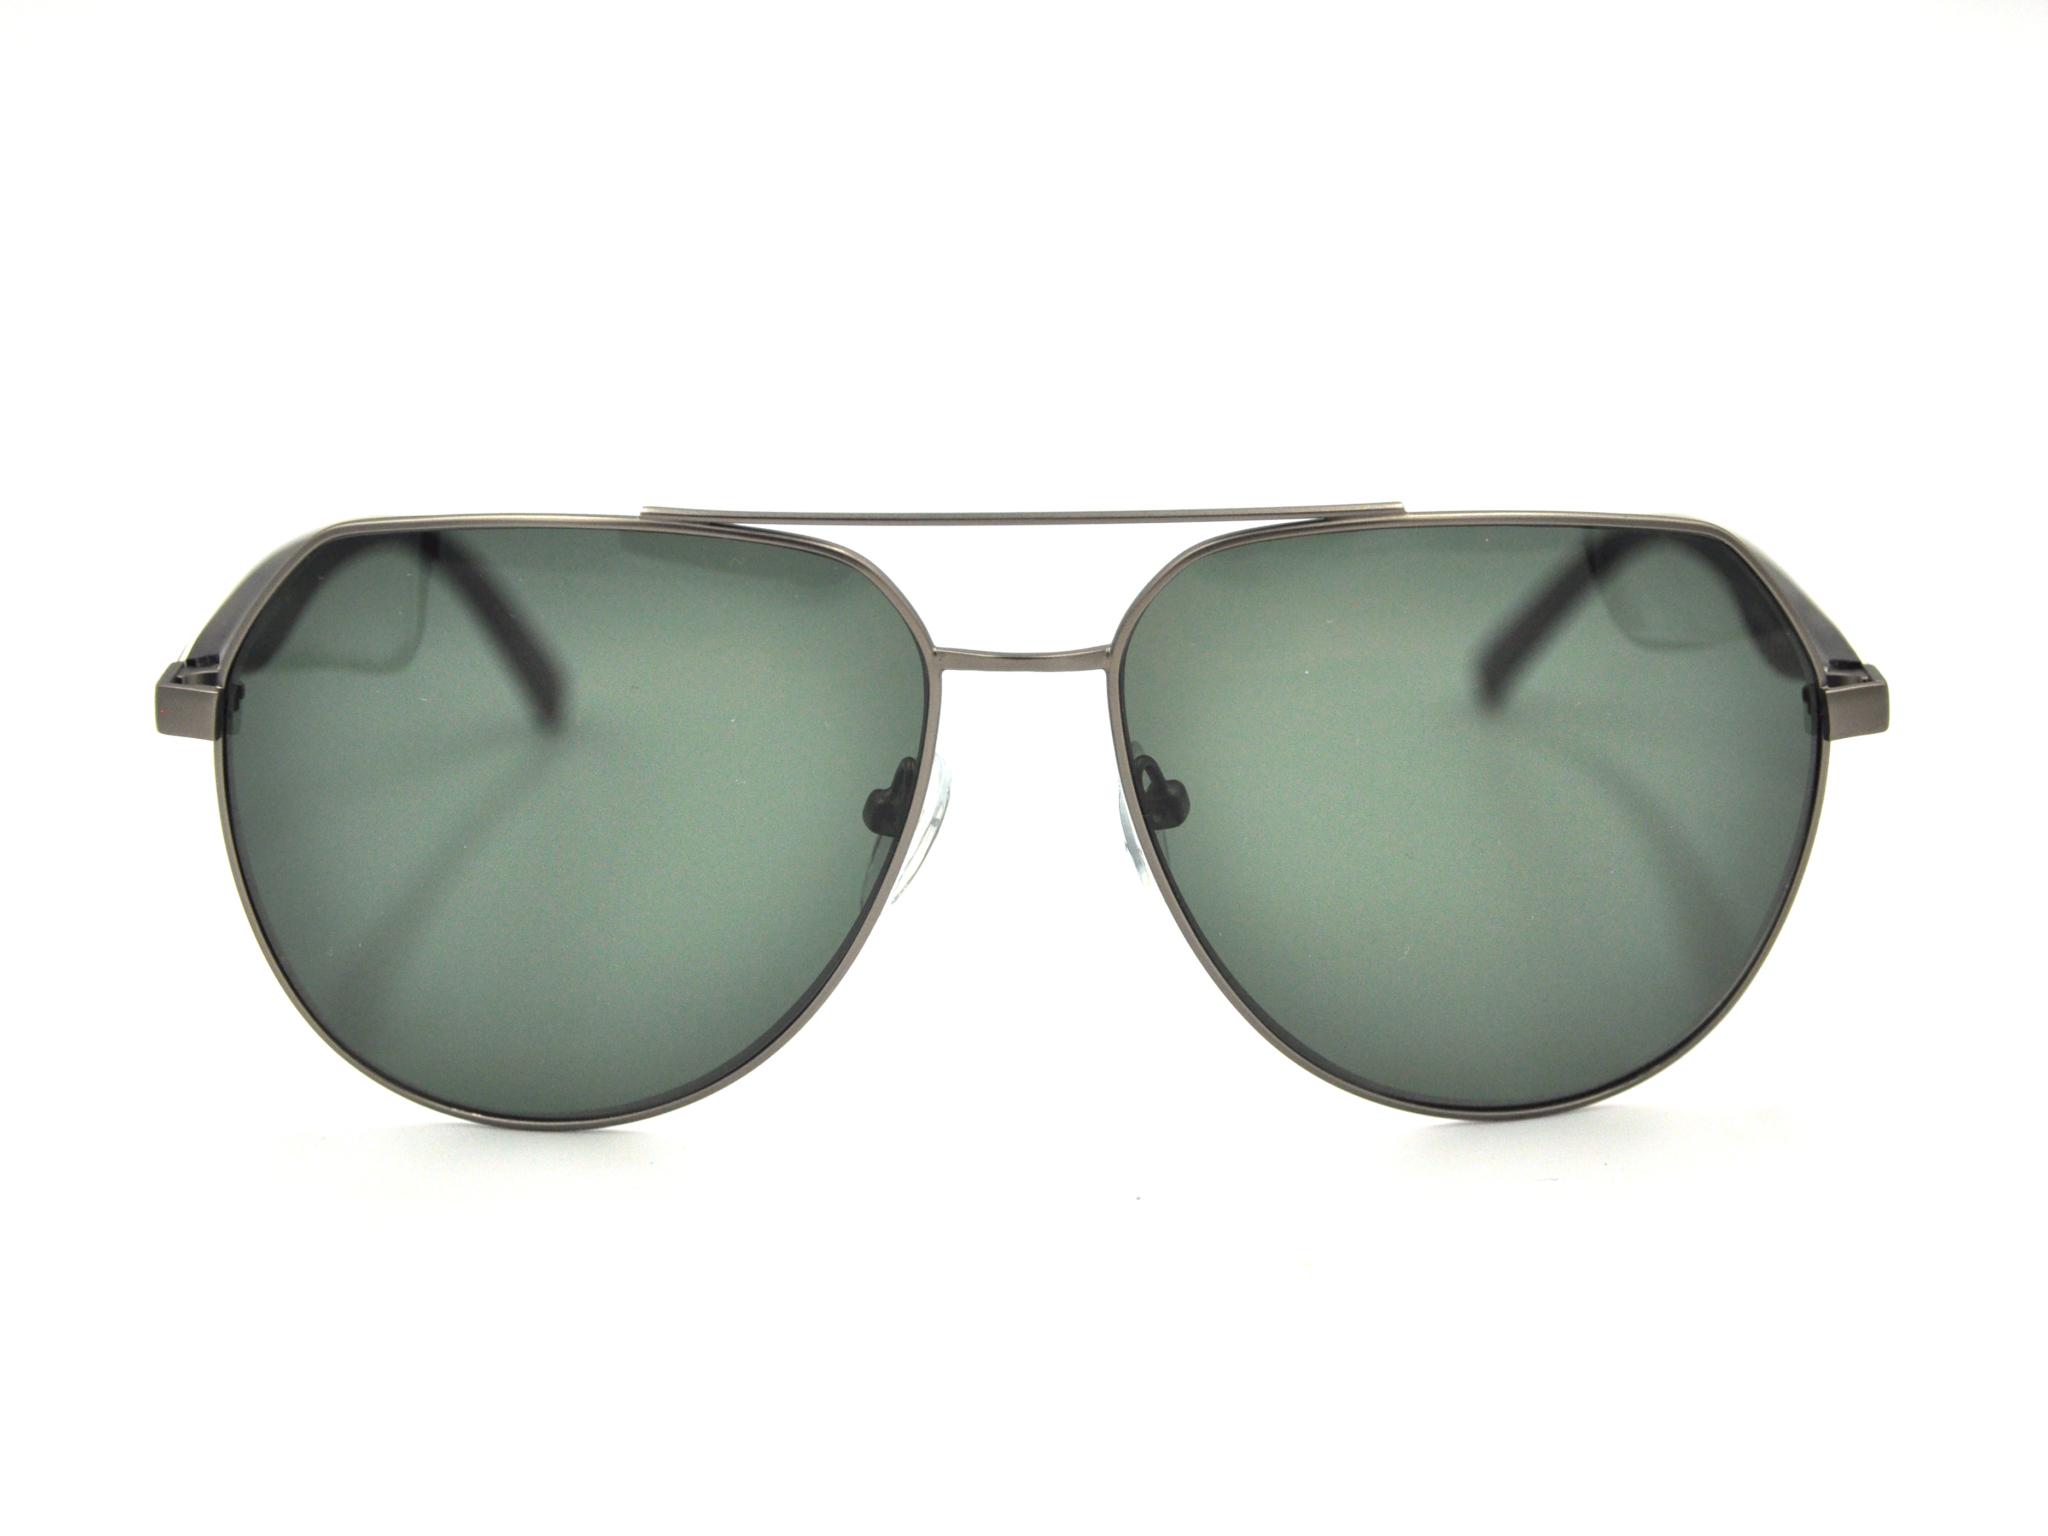 Γυαλιά ηλίου Ridley RD6358 RM02 Πειραιάς